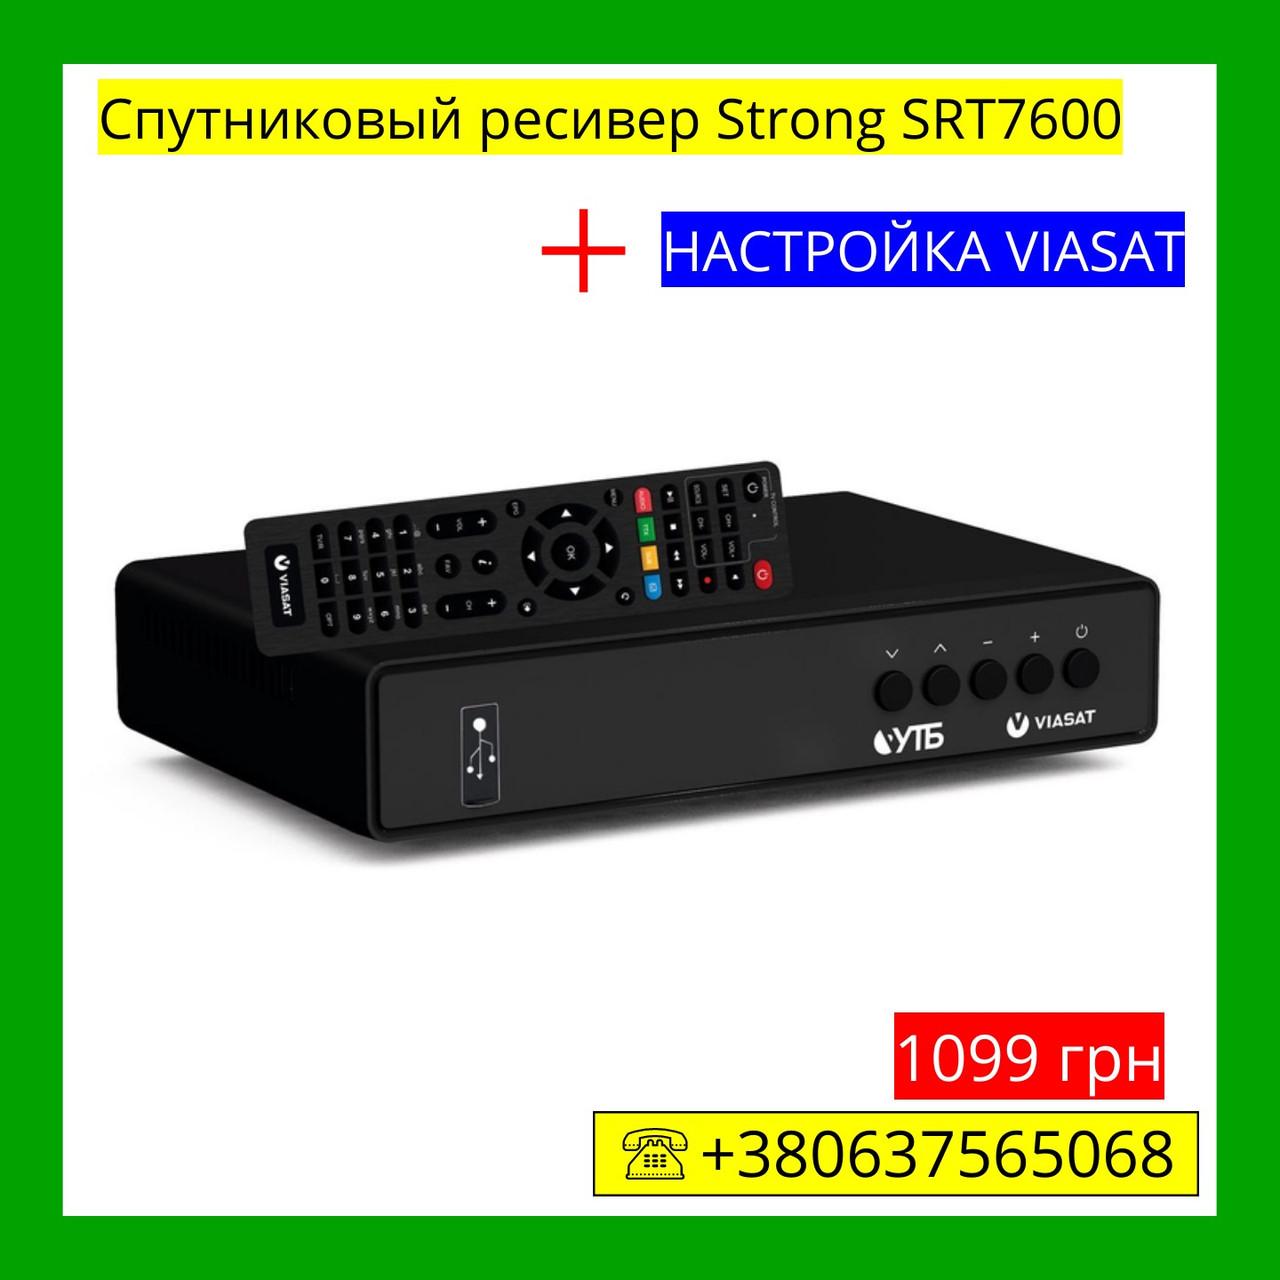 УТБ Strong SRT 7600 + Настройка VIASAT (Спутниковый ресивер)